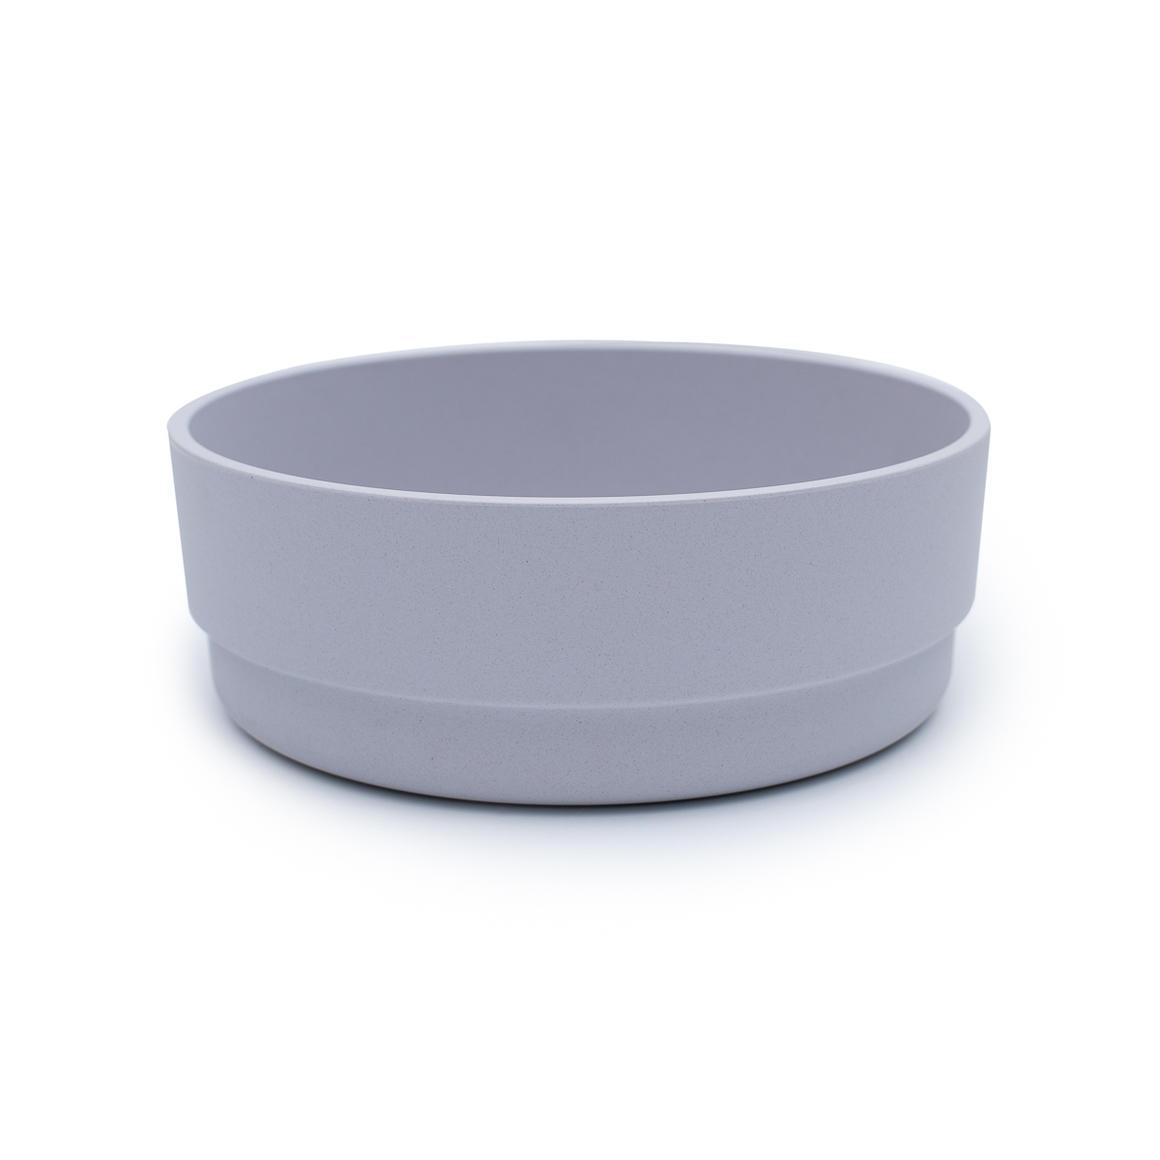 Plant-Based Bowl -  Grey   Trada Marketplace